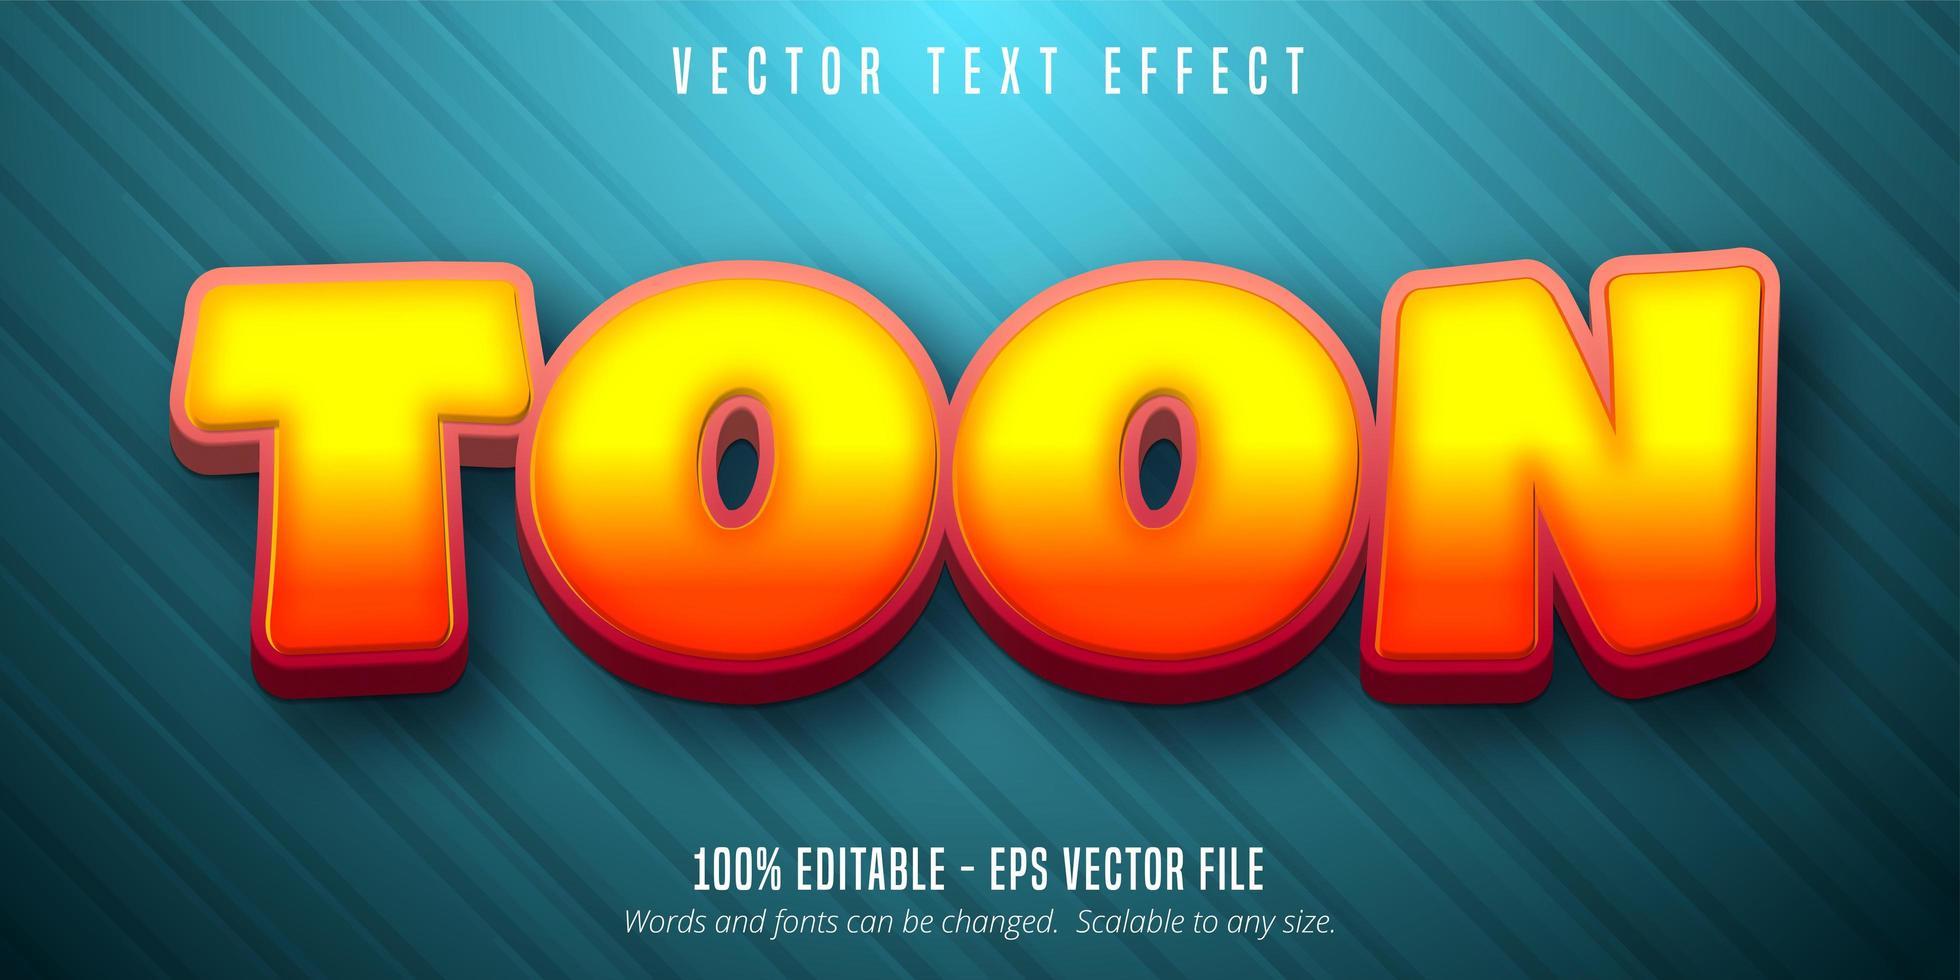 toon text tecknad stil redigerbar texteffekt vektor